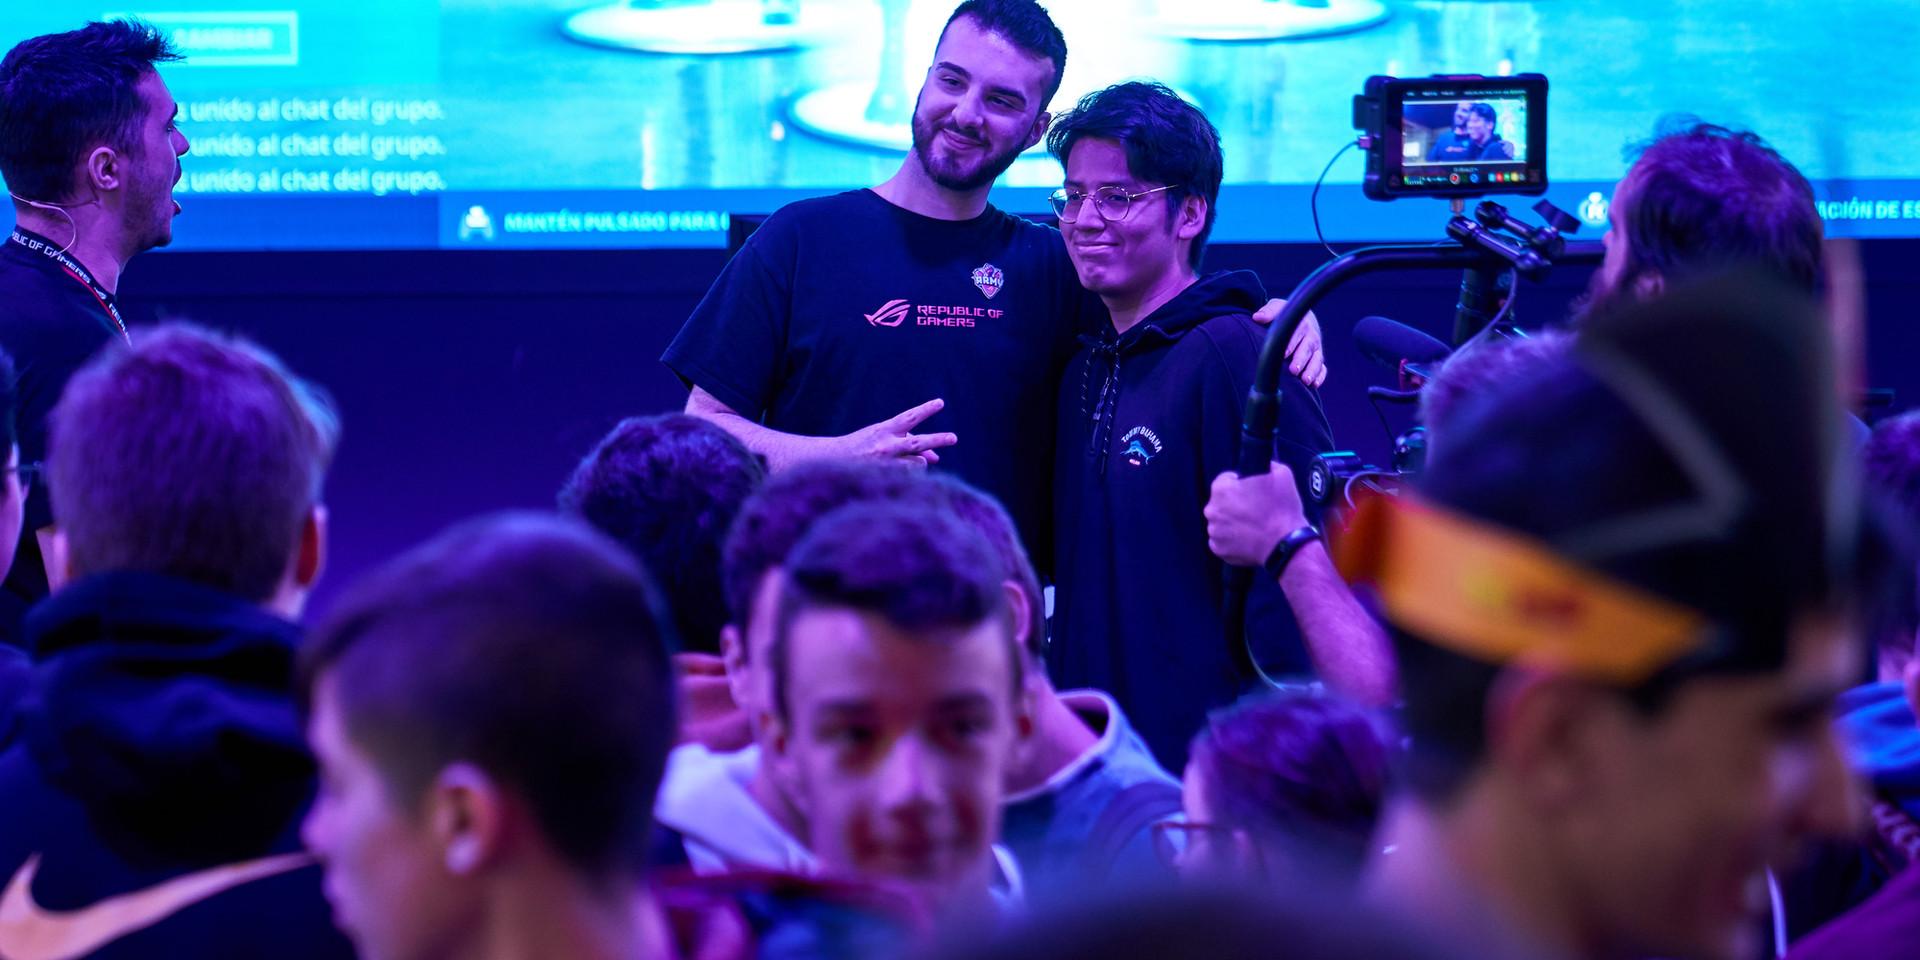 FOTOGRAFÍA  Y VIDEO EVENTO NICEONEBARCELONA N1B REPUBLIC OF GAMERS GAMING EVENT_17